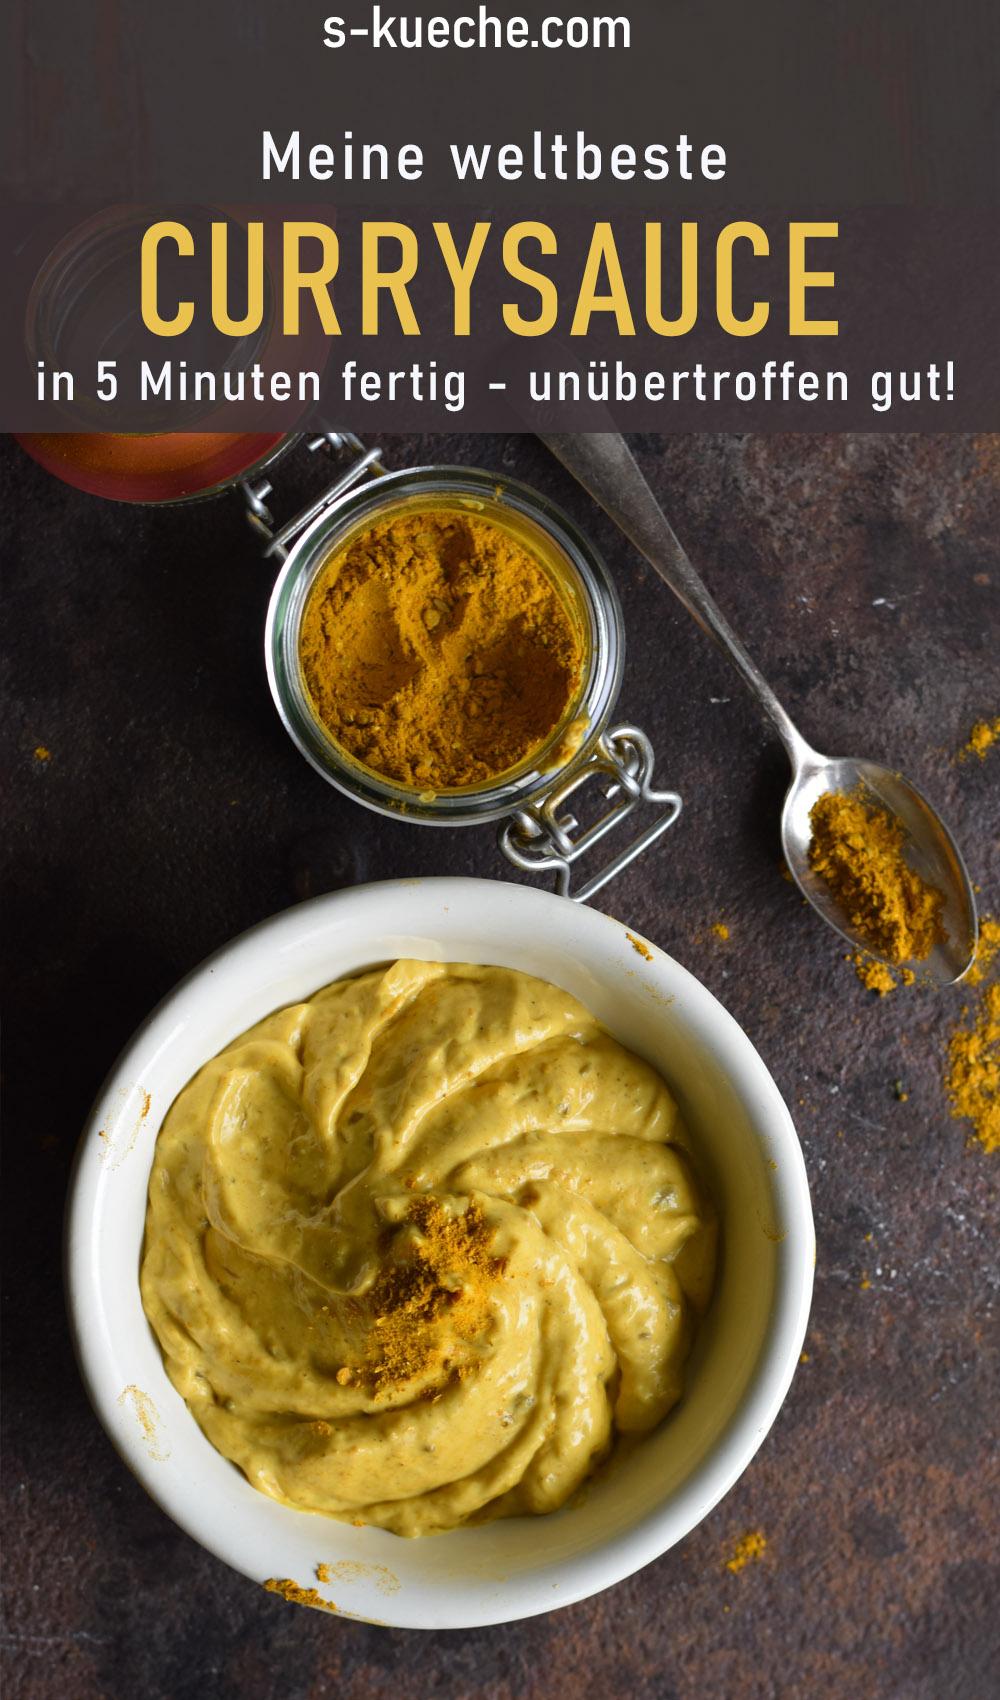 Meine weltbeste Currysauce - als Dip und für Salate. Fantastisches Rezept für Nudelsalat oder Eiersalat. In wenigen Minuten aus gängigen Zutaten gerührt